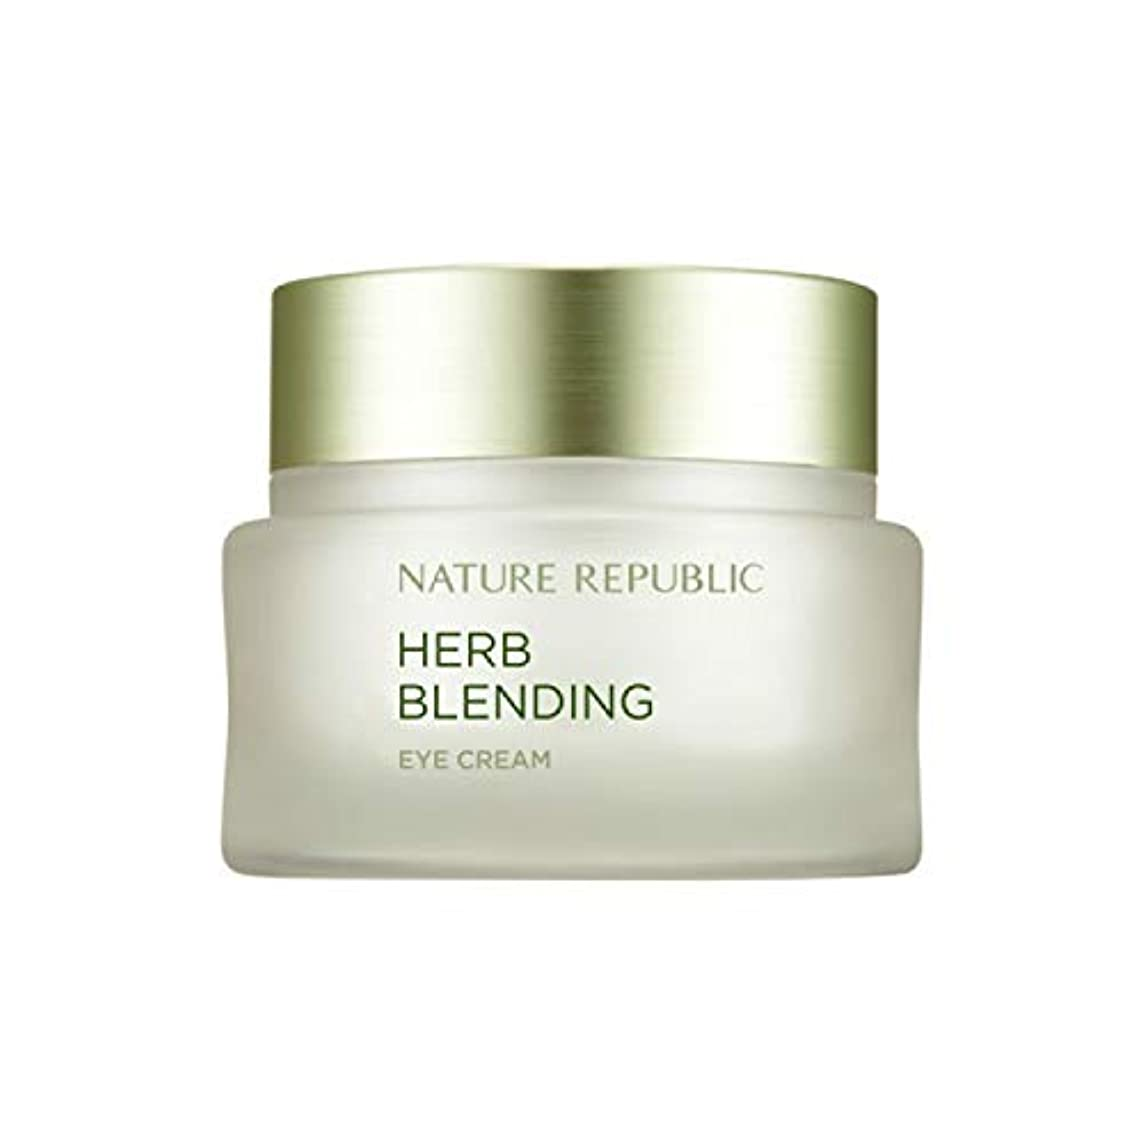 レトルトの間で偏心ネイチャーリパブリック(Nature Republic)ハブブレンドアイクリーム 25ml / Herb Blending Eye Cream 25ml :: 韓国コスメ [並行輸入品]